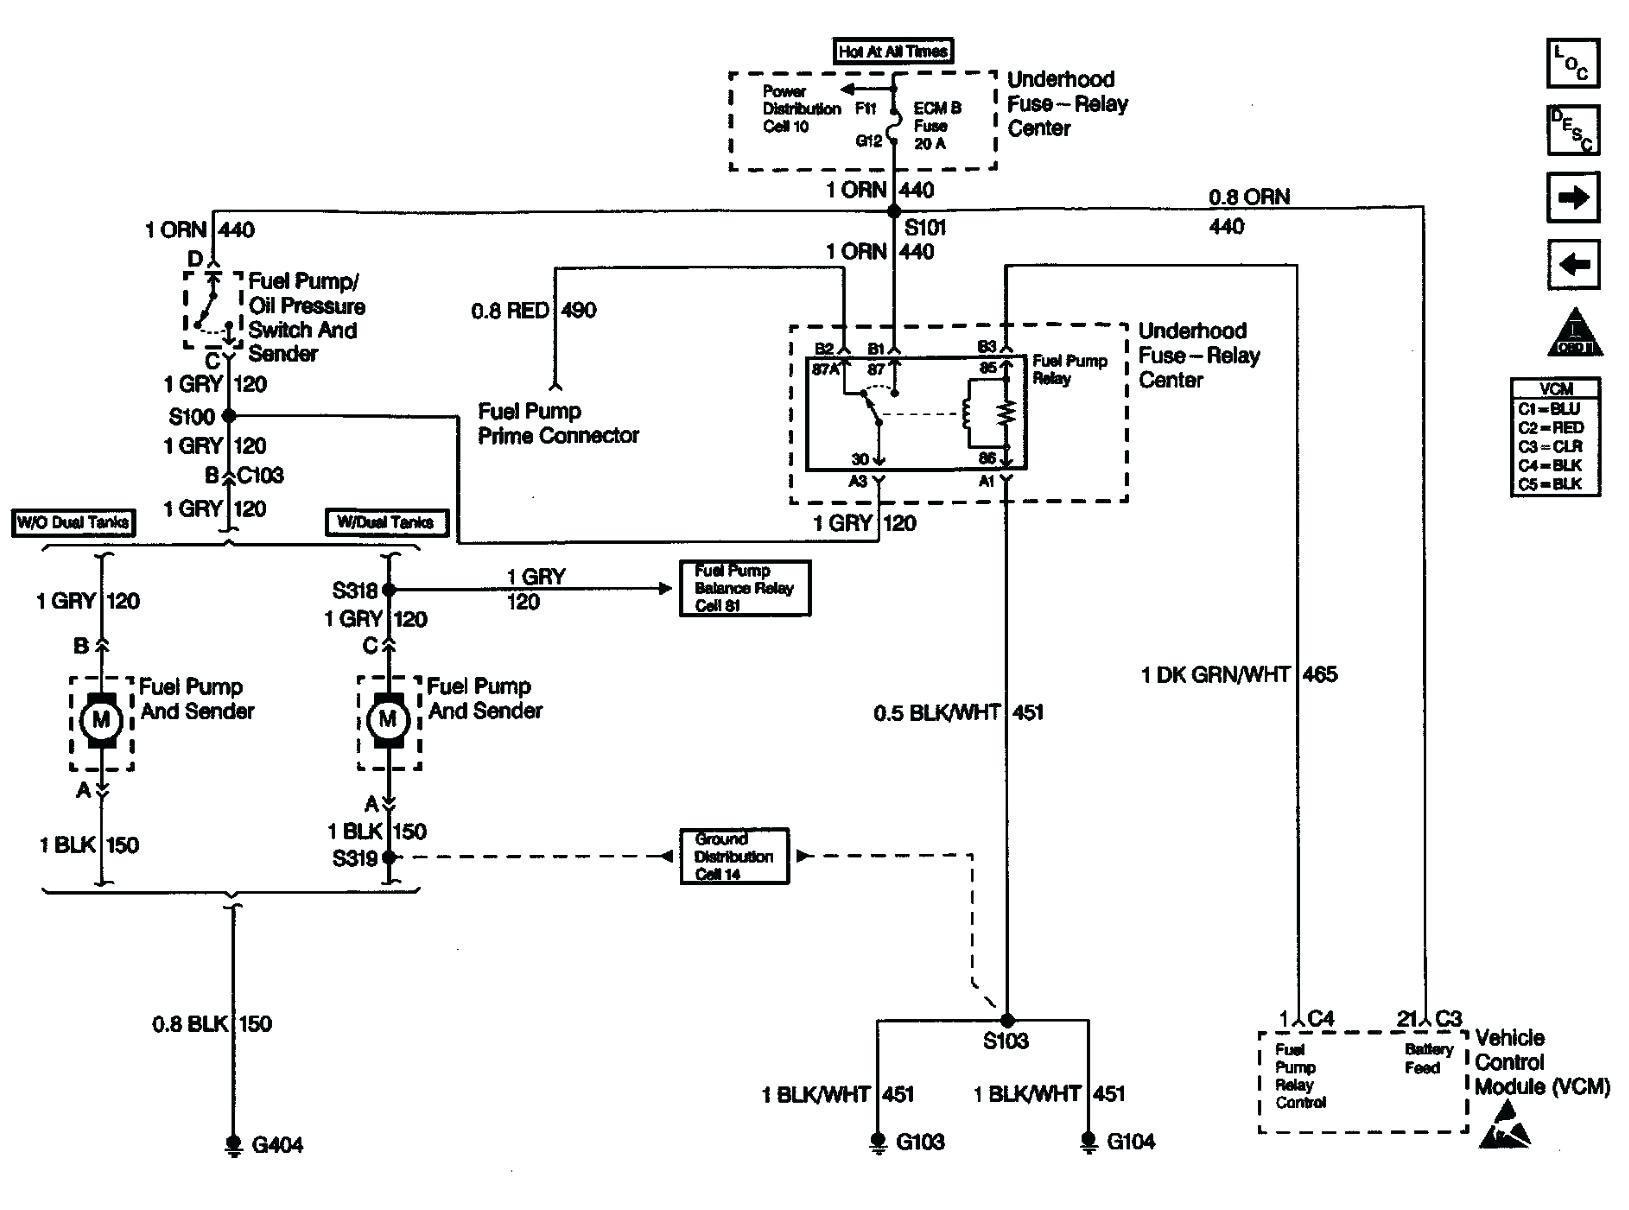 Wiring Diagram 2005 Dodge Ram Wiring Diagram 2005 Dodge Ram Wiring